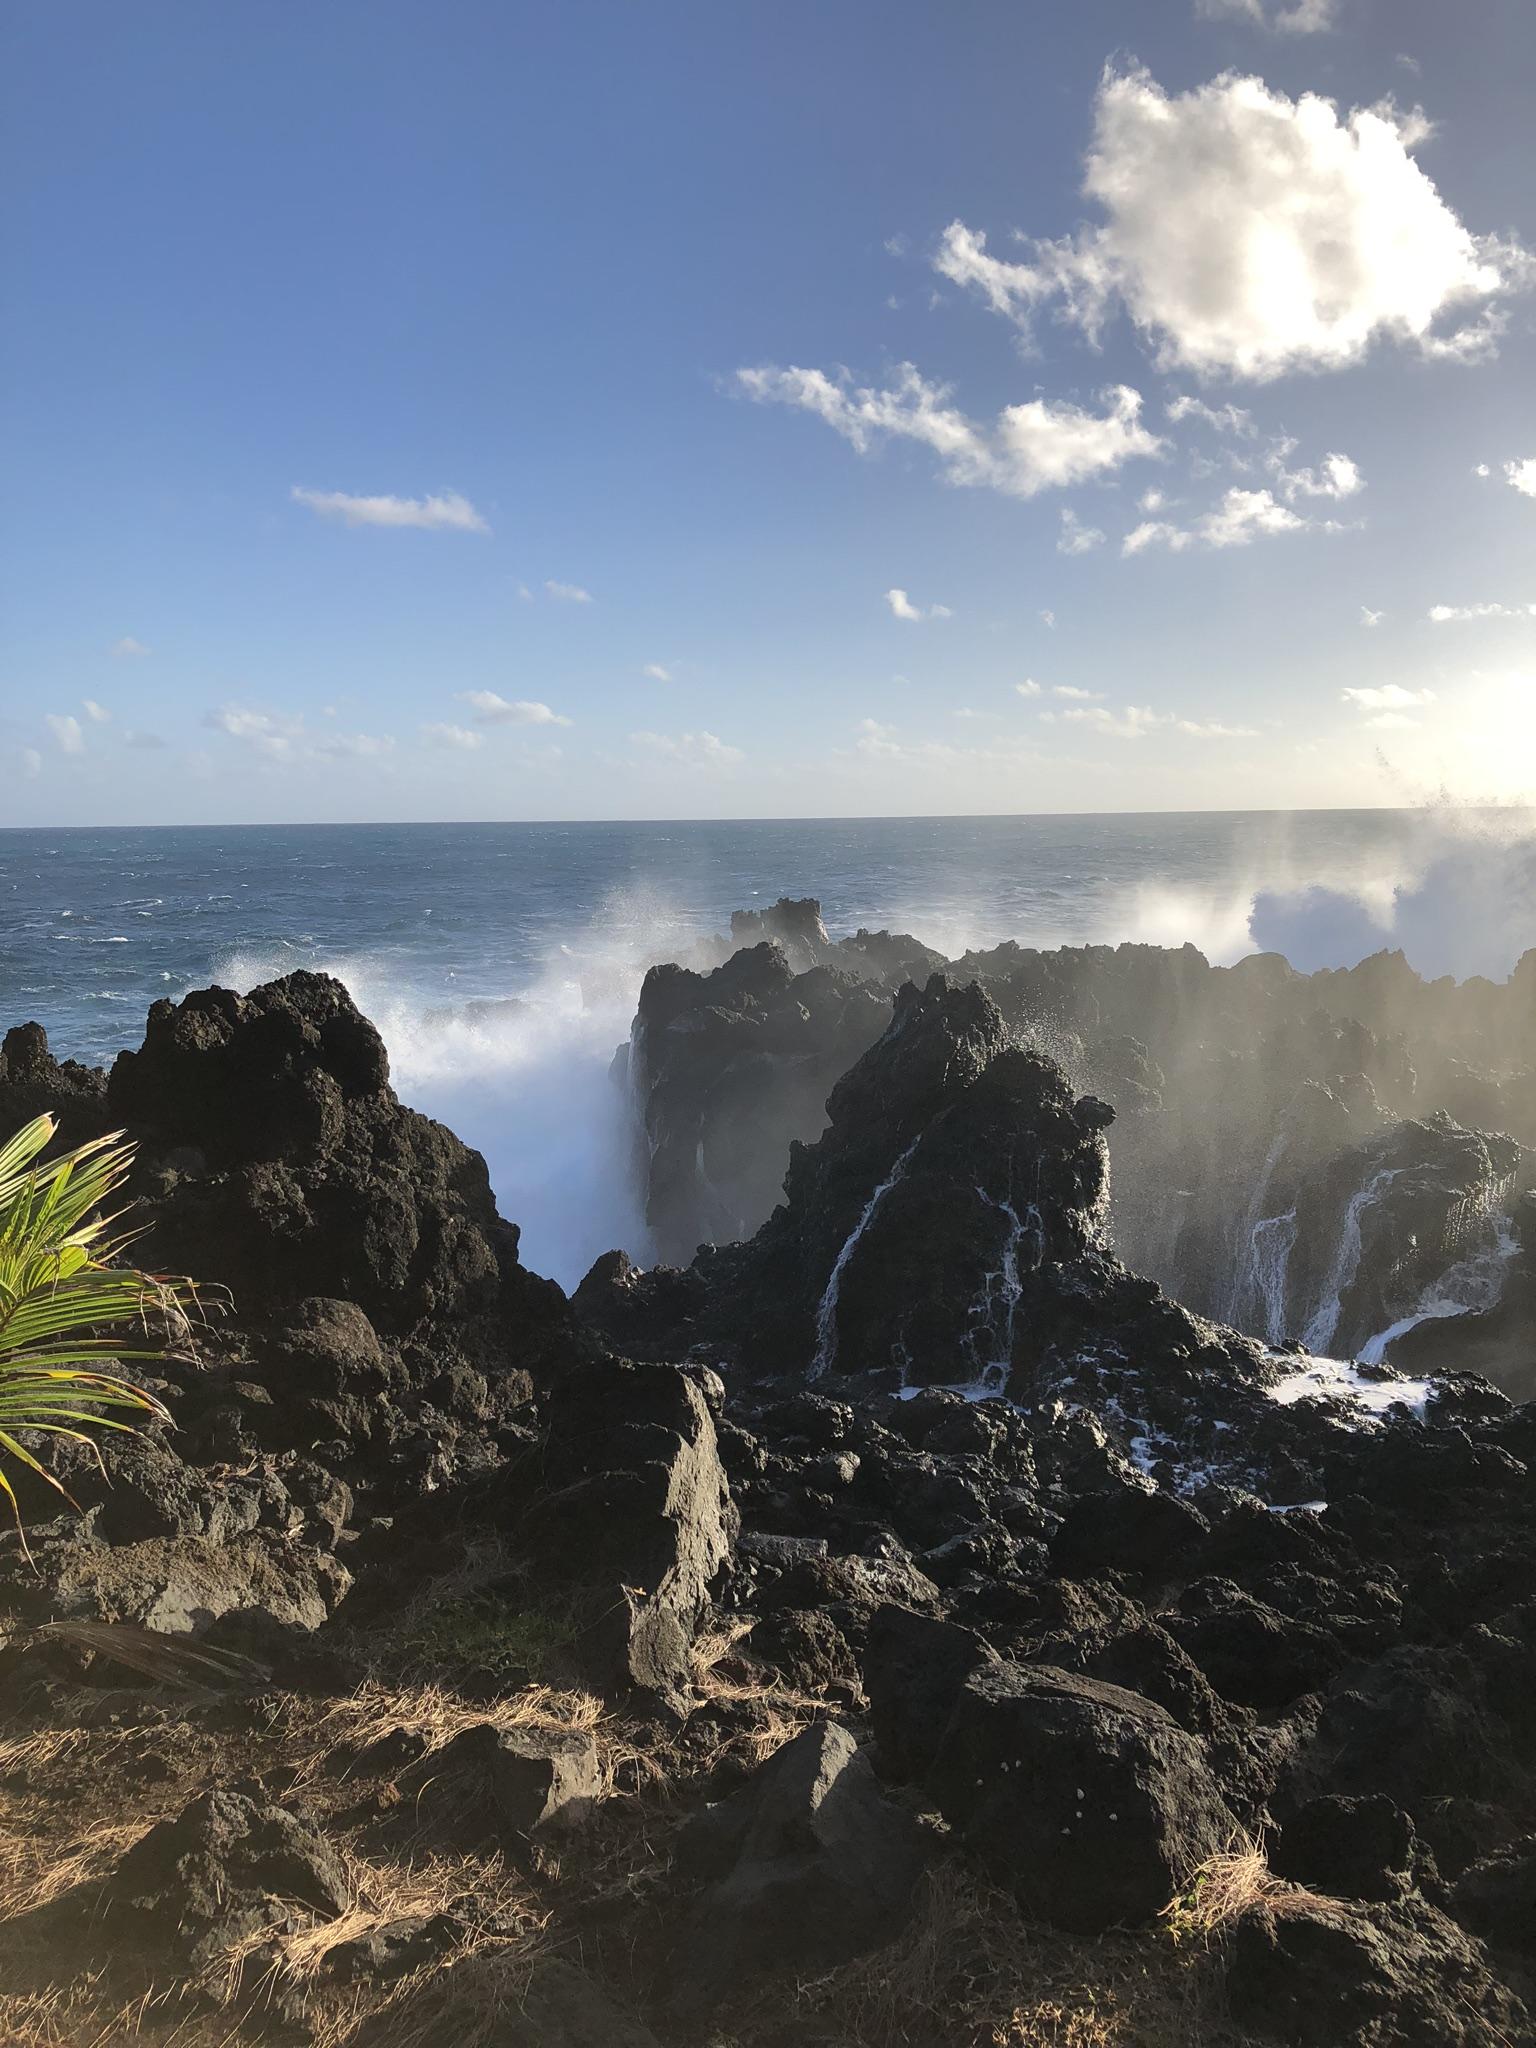 Naturschauspiel: an der Küste brechen hohe Wellen auf das aus Lava gebildet Ufer. Foto: © Larissa Metke